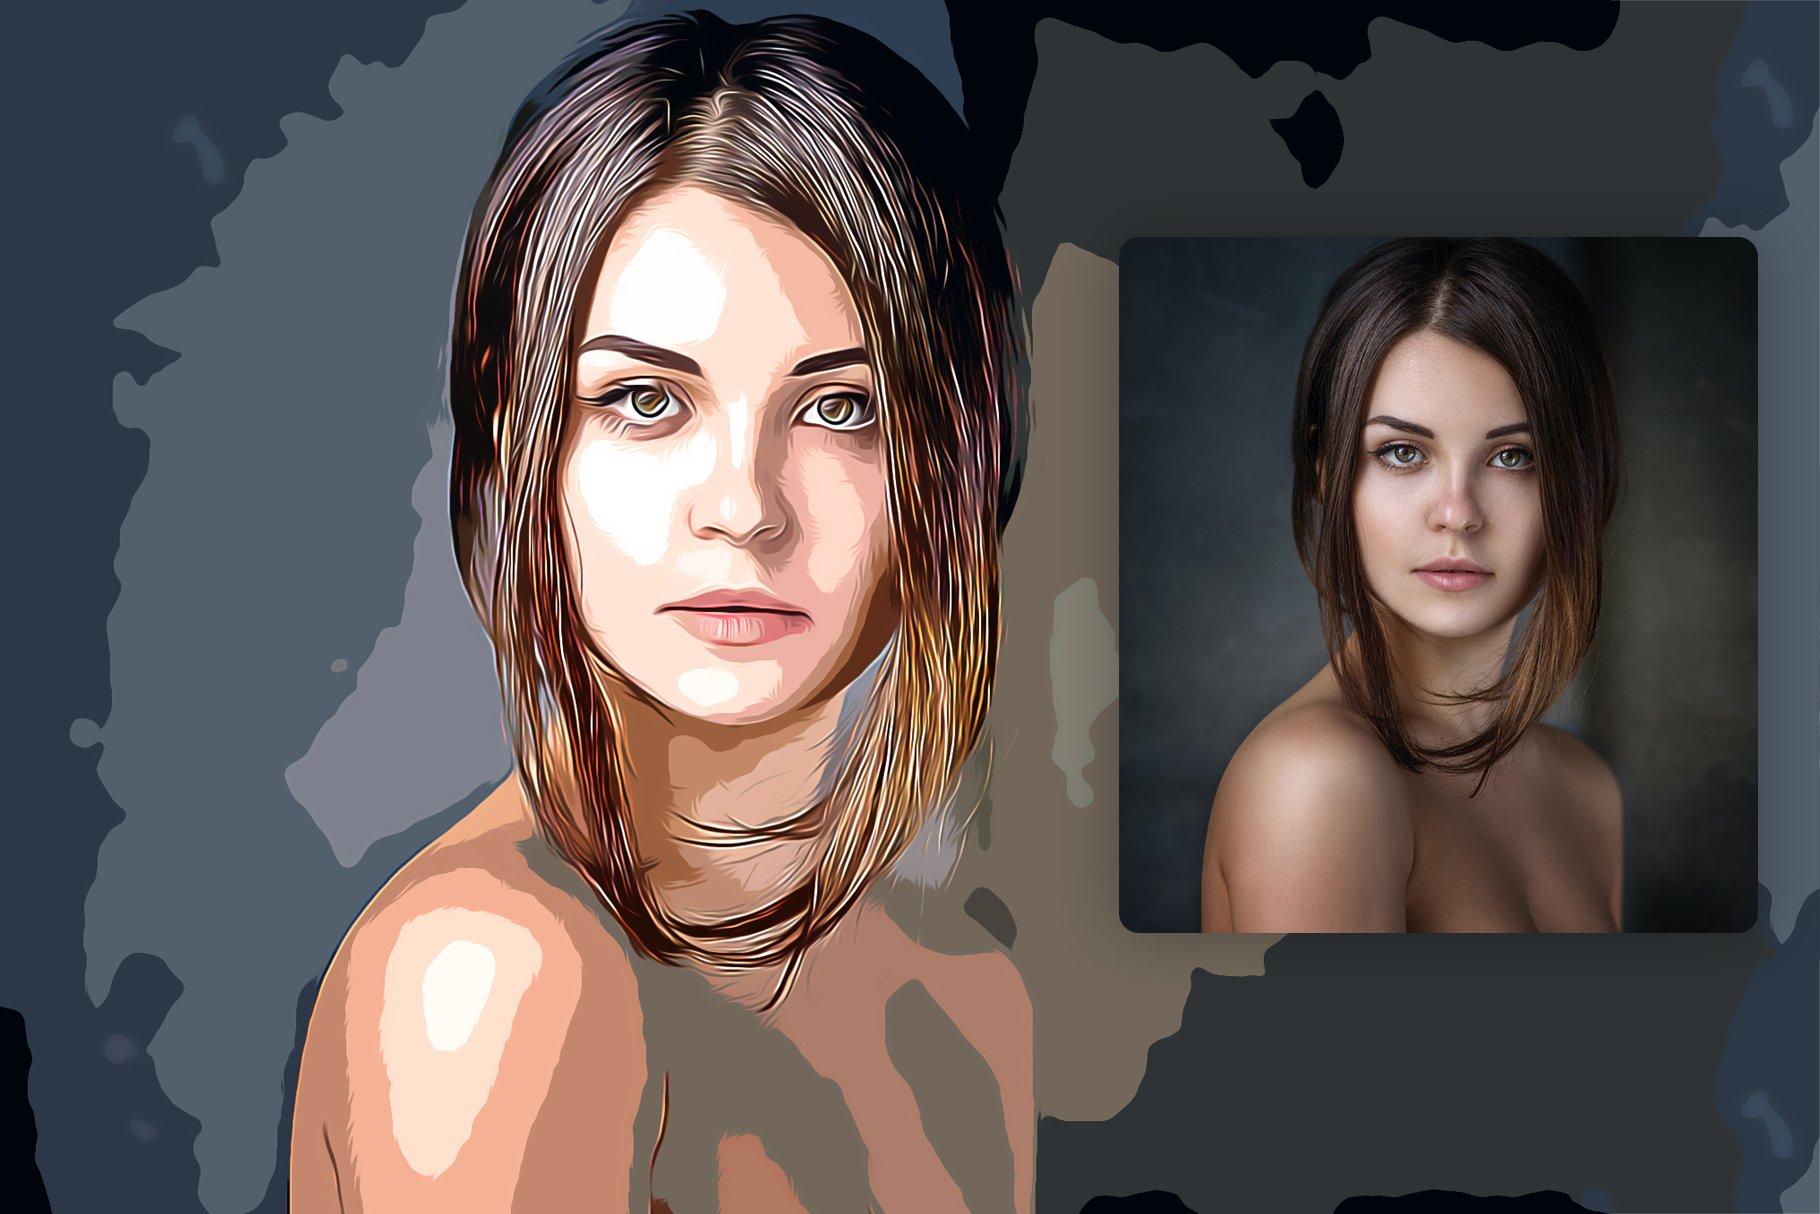 逼真油画艺术绘画效果照片处理特效PS动作模板 Cartoon Oil Painting Photoshop FX插图3